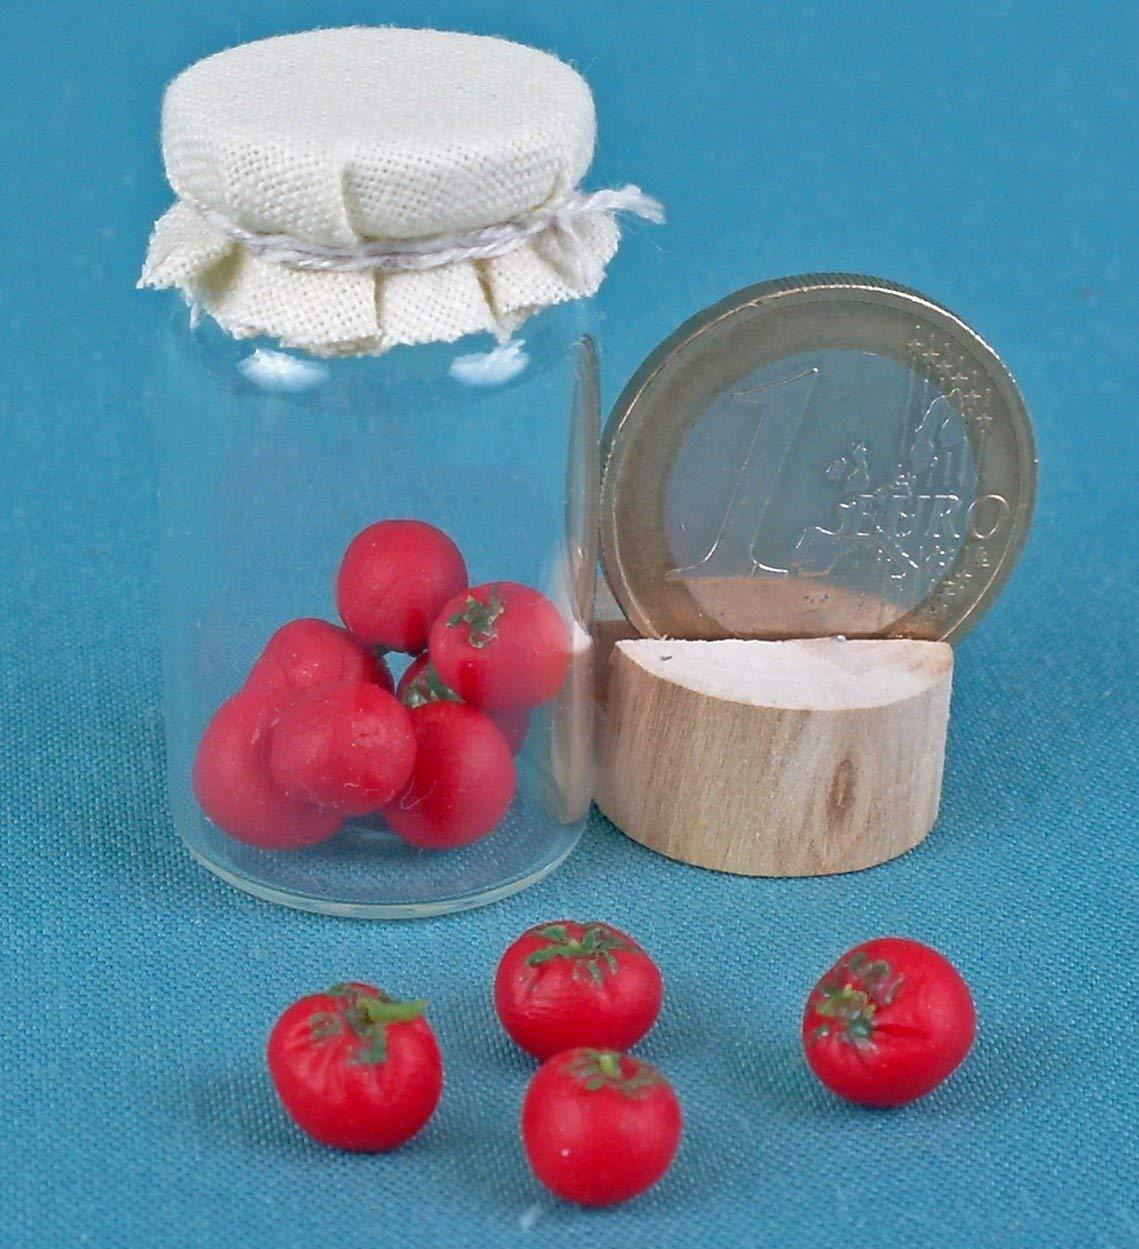 7Pcs//set Dollhouse toy model miniature food play mini pocket vegetables JPXJ